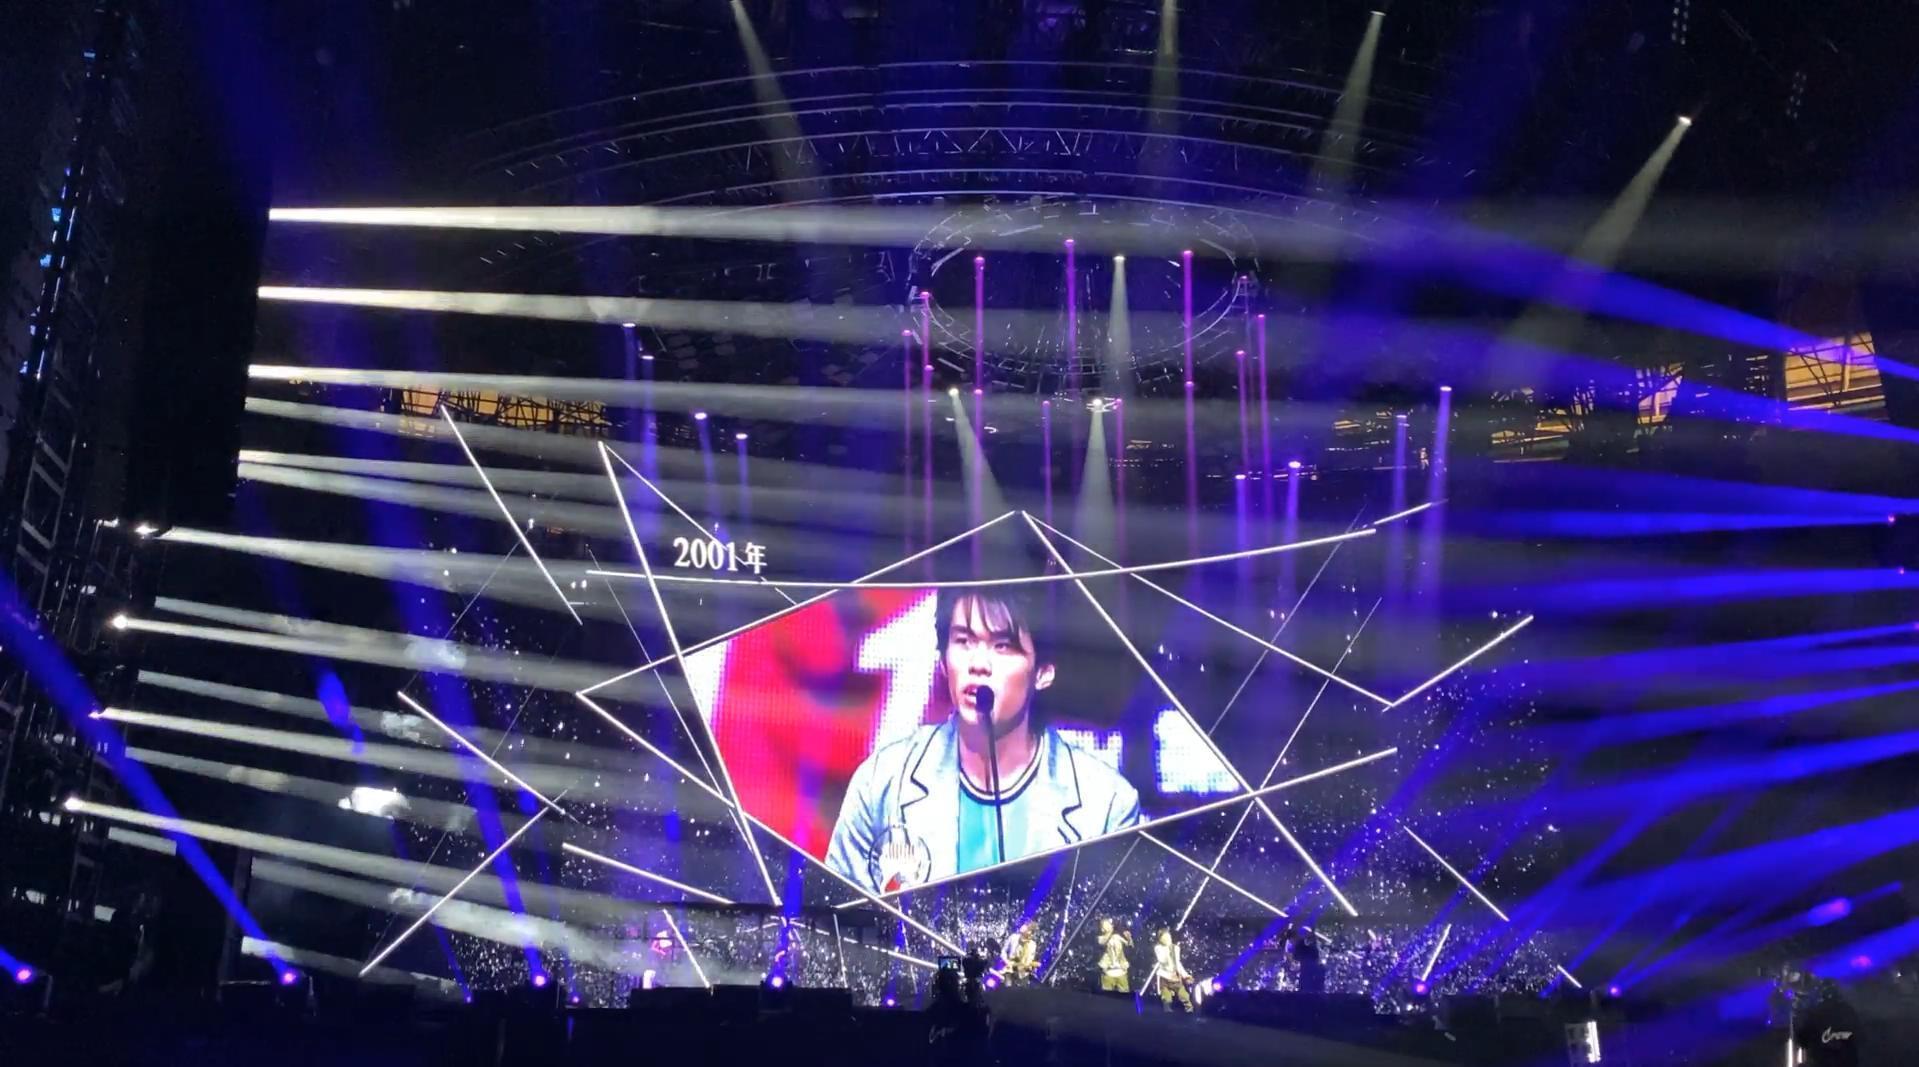 周杰伦「嘉年华」演唱会出道20周年VCR背景歌曲BGM